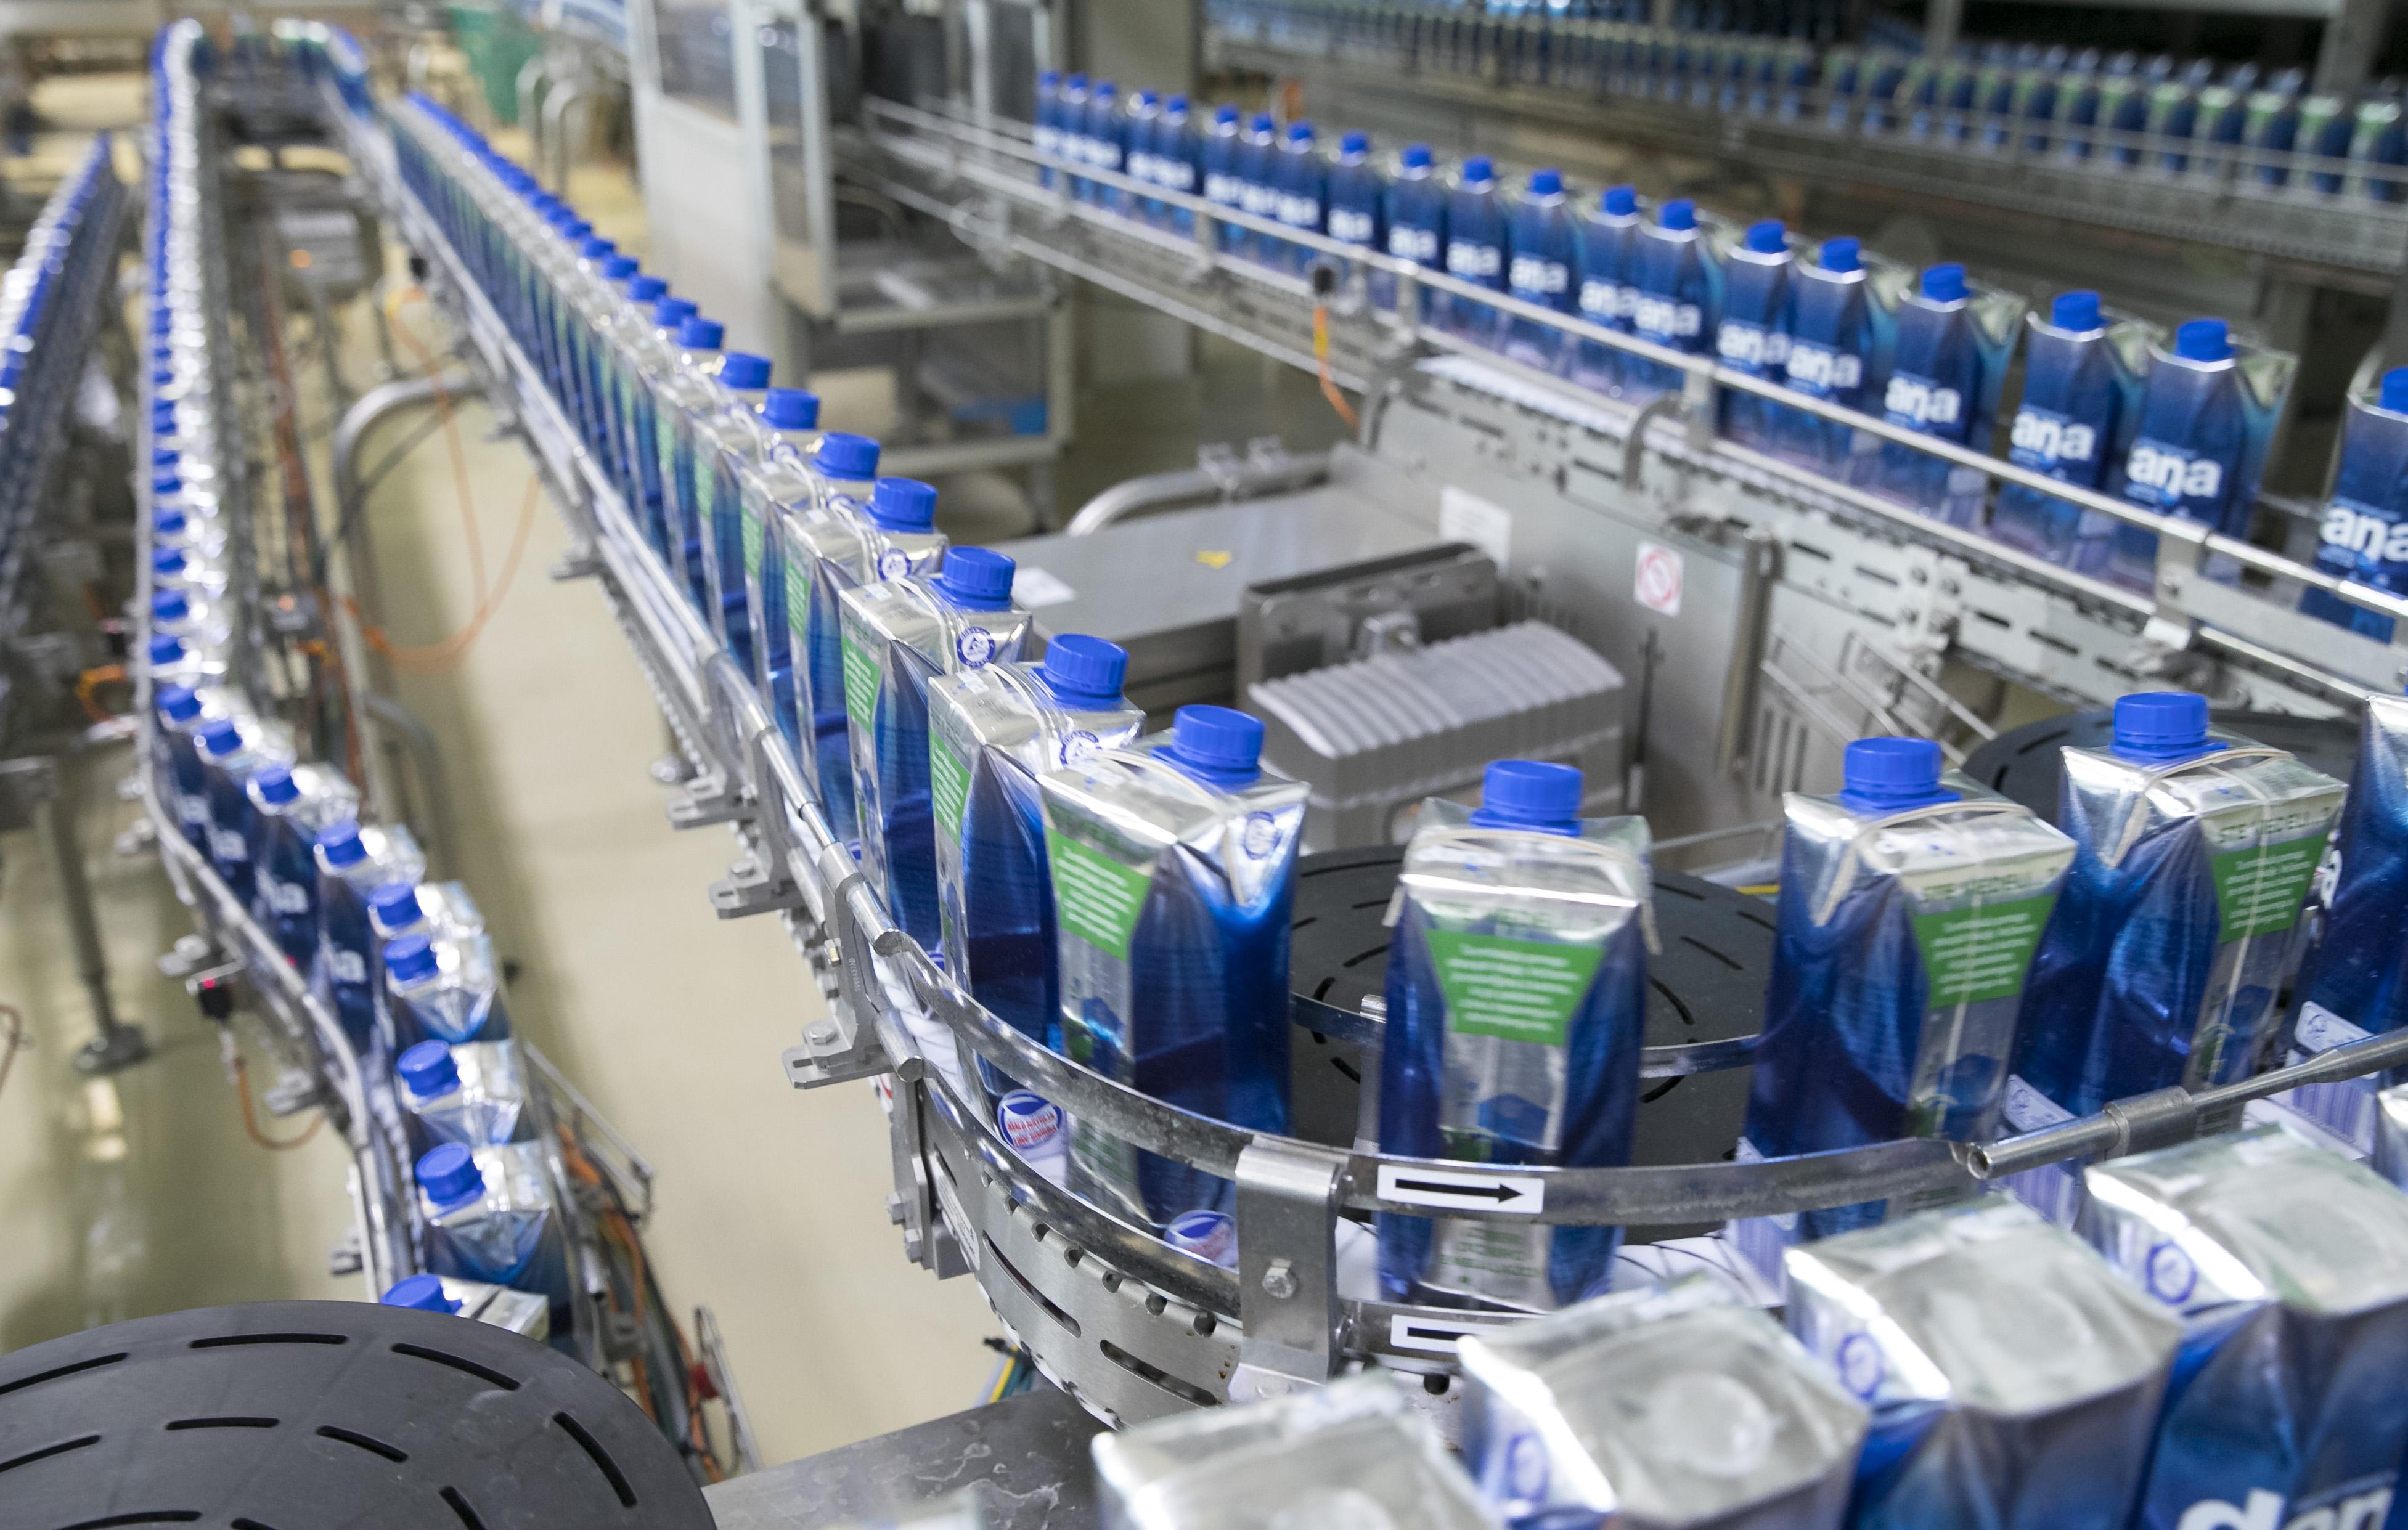 Foto9_naravna mineralna voda Dana v Tetra Prisma Aseptic 750 ml embalaži